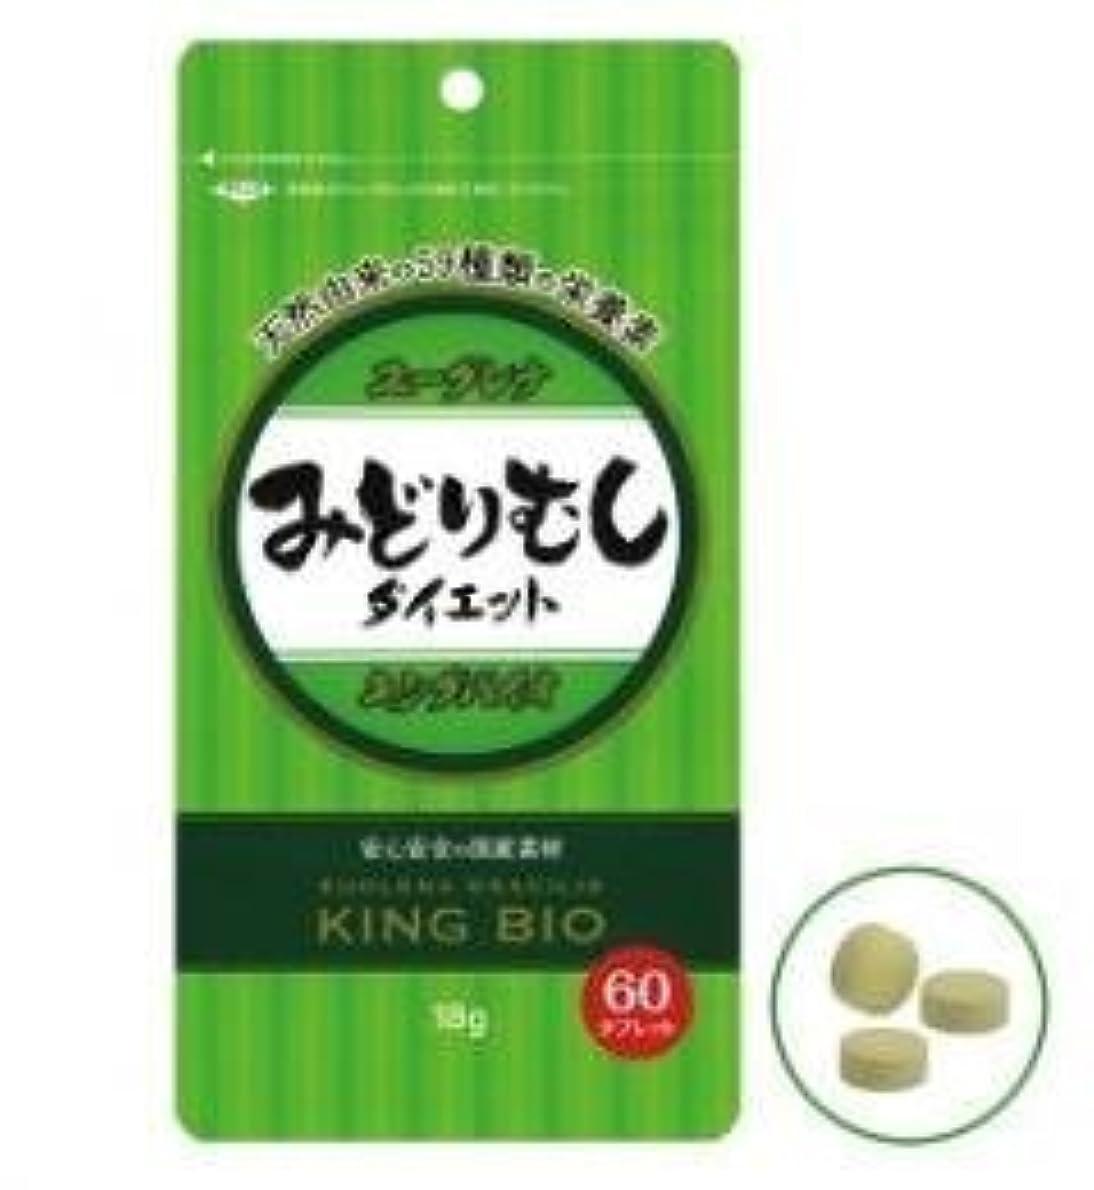 厳密に不合格高度キングバイオ/みどりむしサプリメント (60粒)×2袋セット